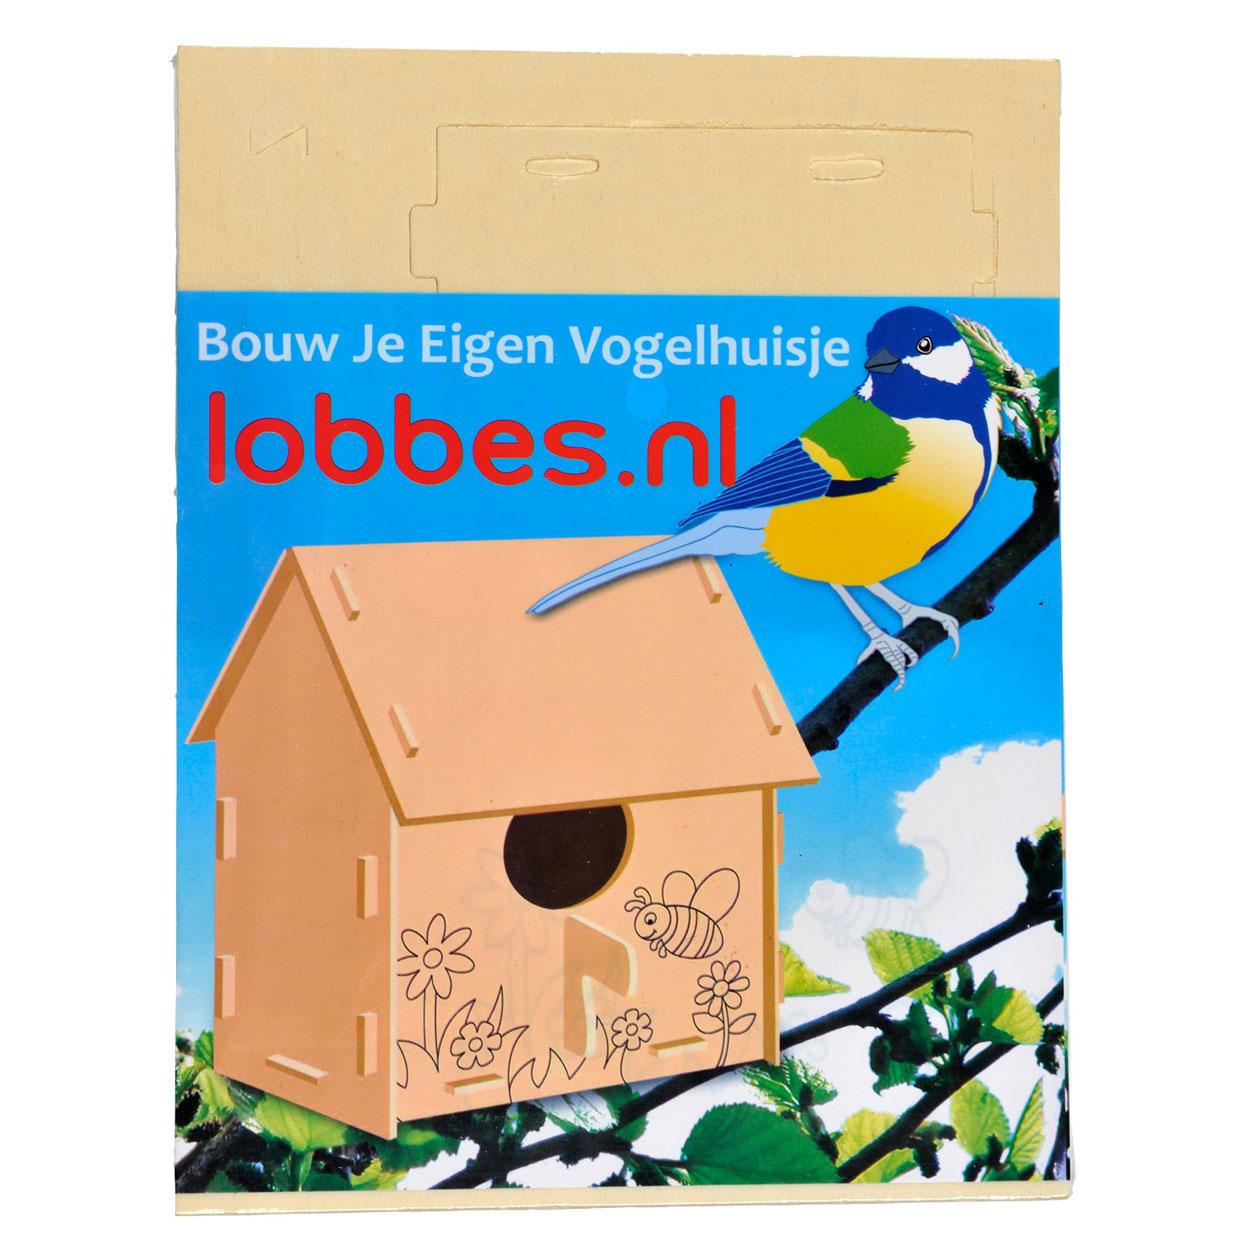 #0384C822394820 Maak Je Eigen Houten Vogelhuisje Variatie A Online Kopen Lobbes.nl Meest effectief Maak Je Eigen Droomhuis 3715 behang 125012503715 afbeeldingen